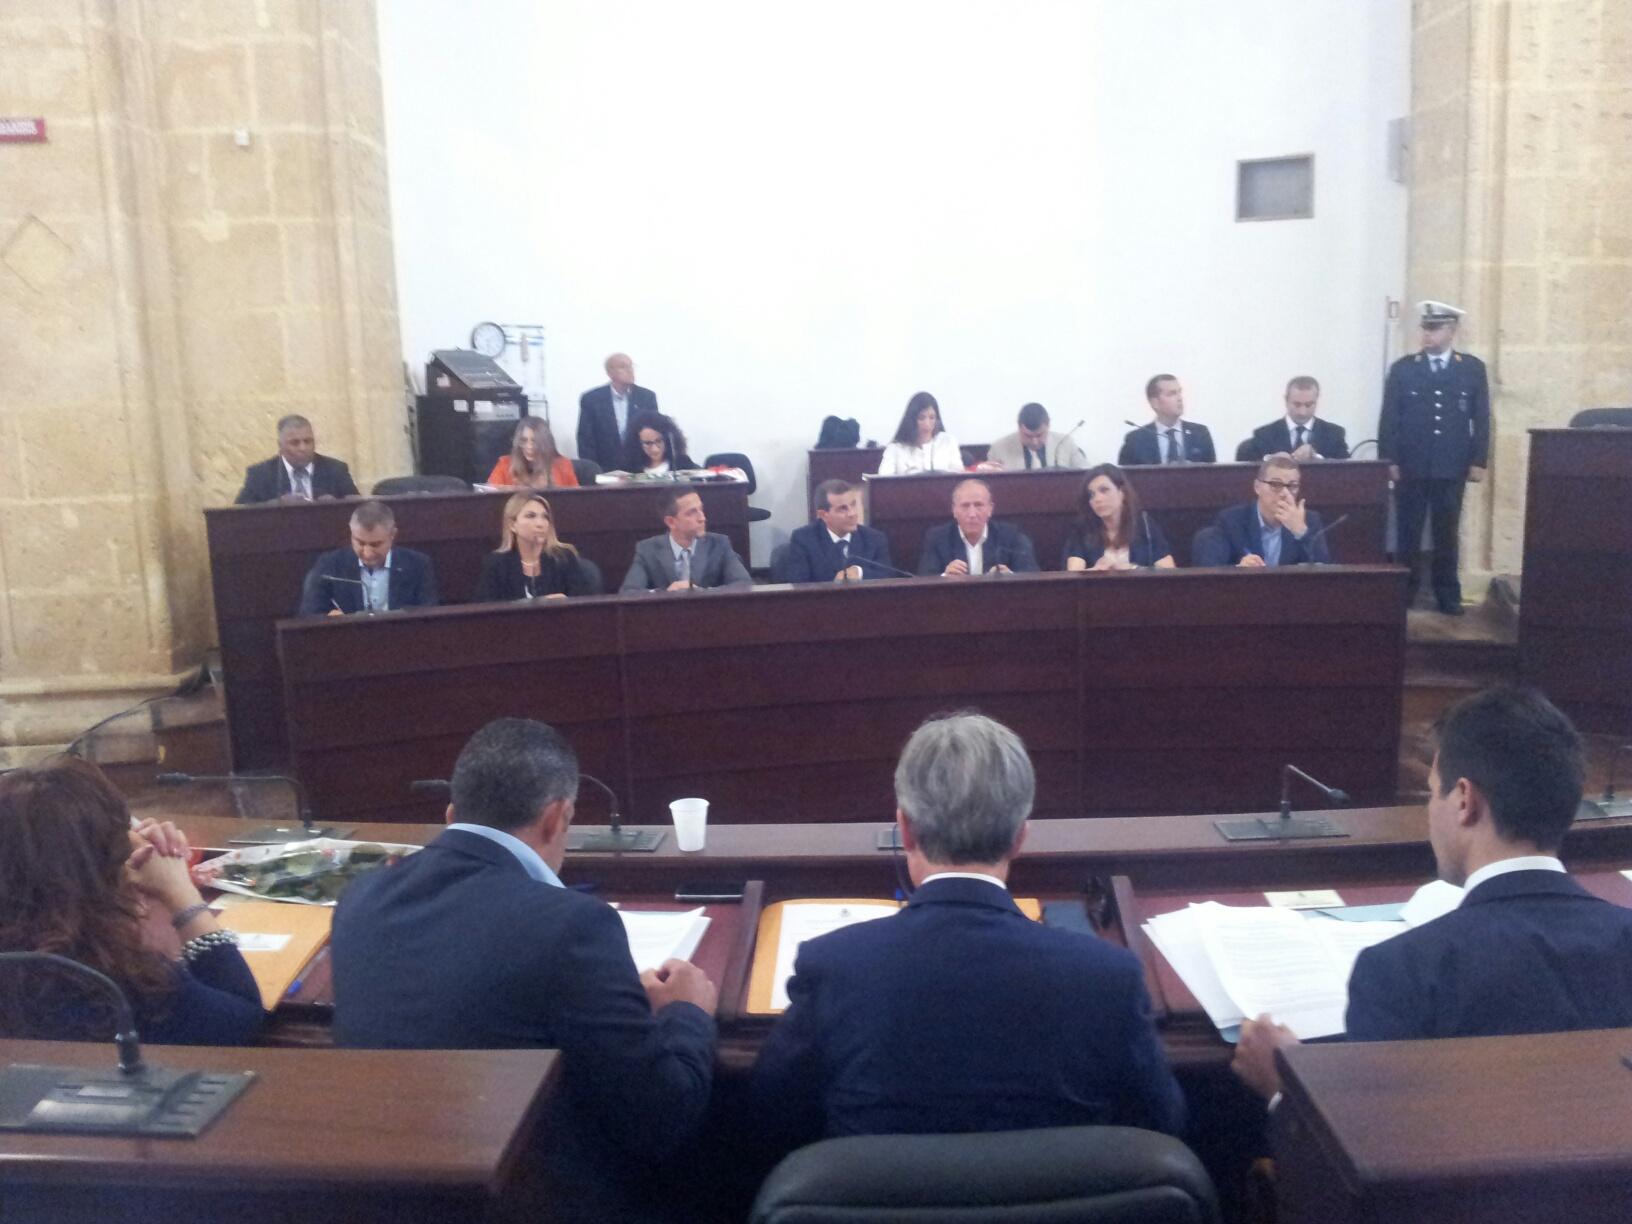 Mazara. Convocazione Consiglio Comunale in seduta ordinaria per lunedì 19 novembre alle ore 15